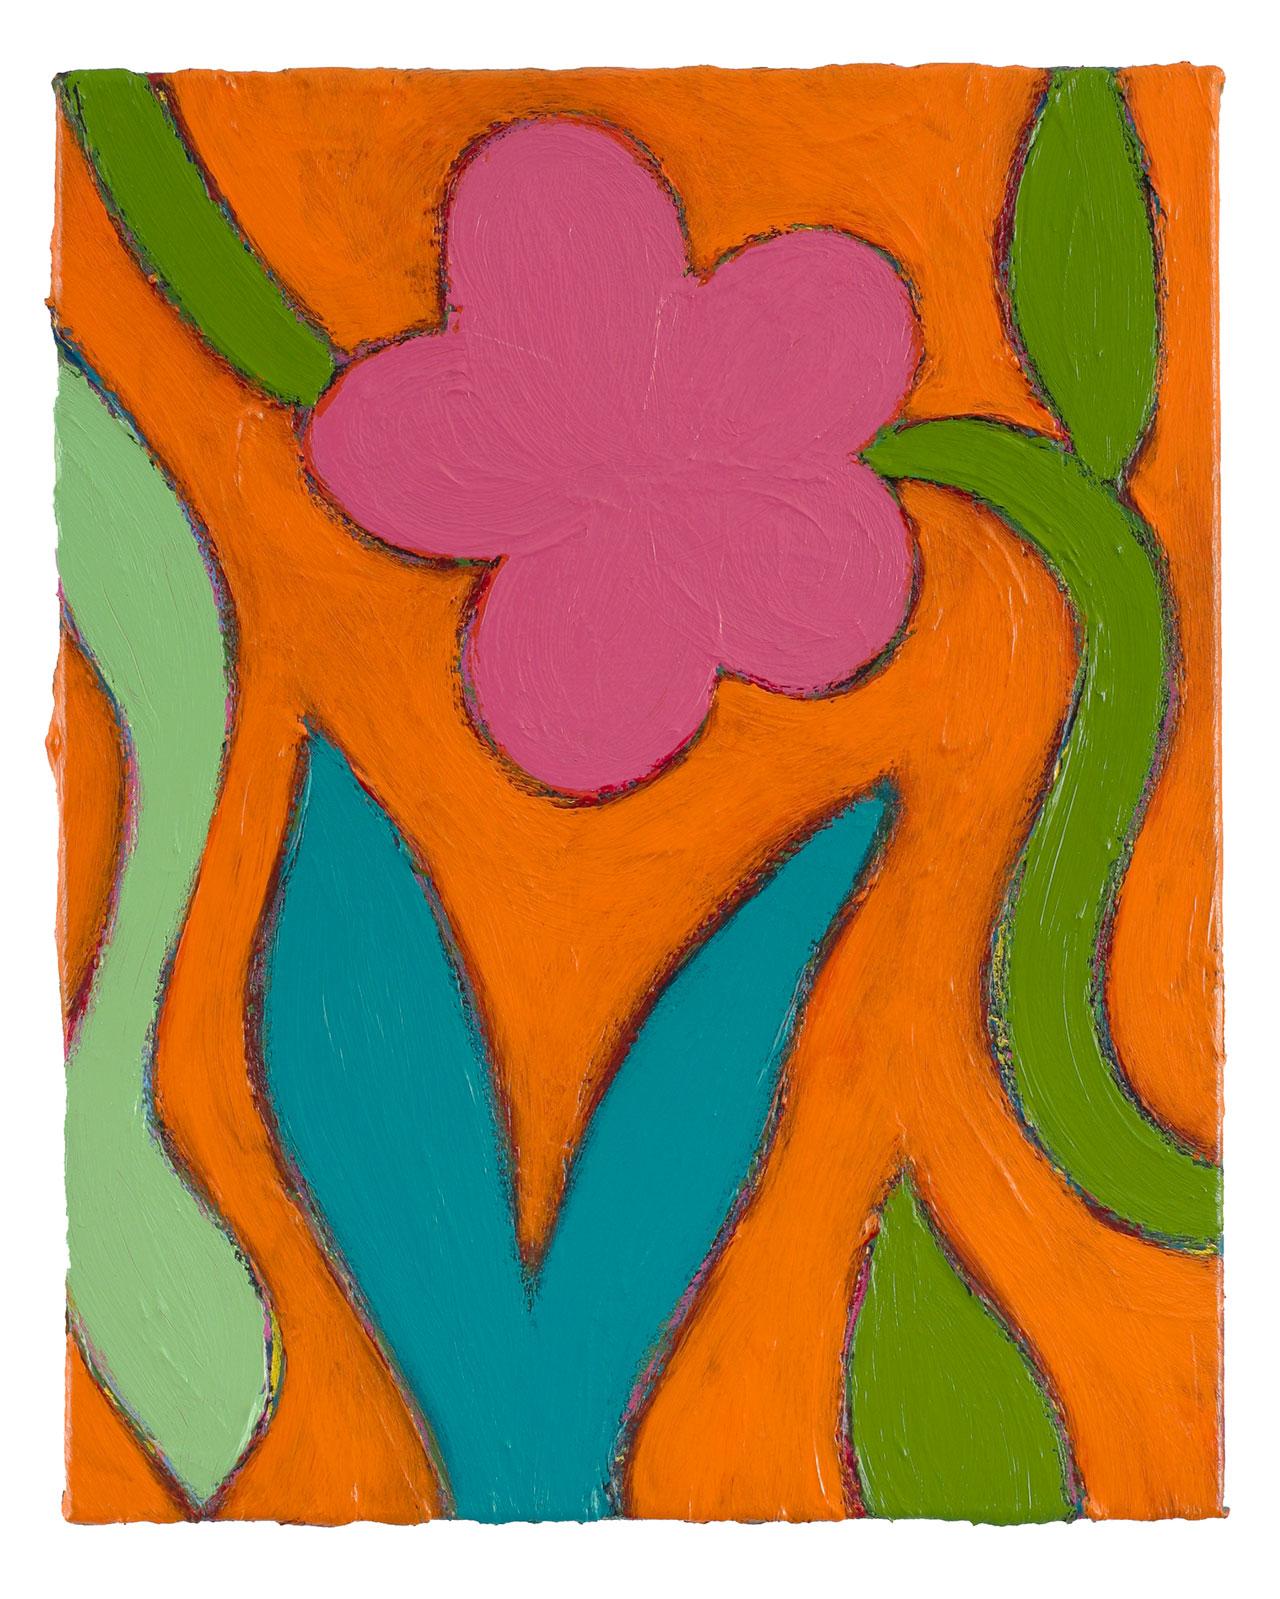 FLOW OVER * 4 | 2005 © Kerstin Jeckel